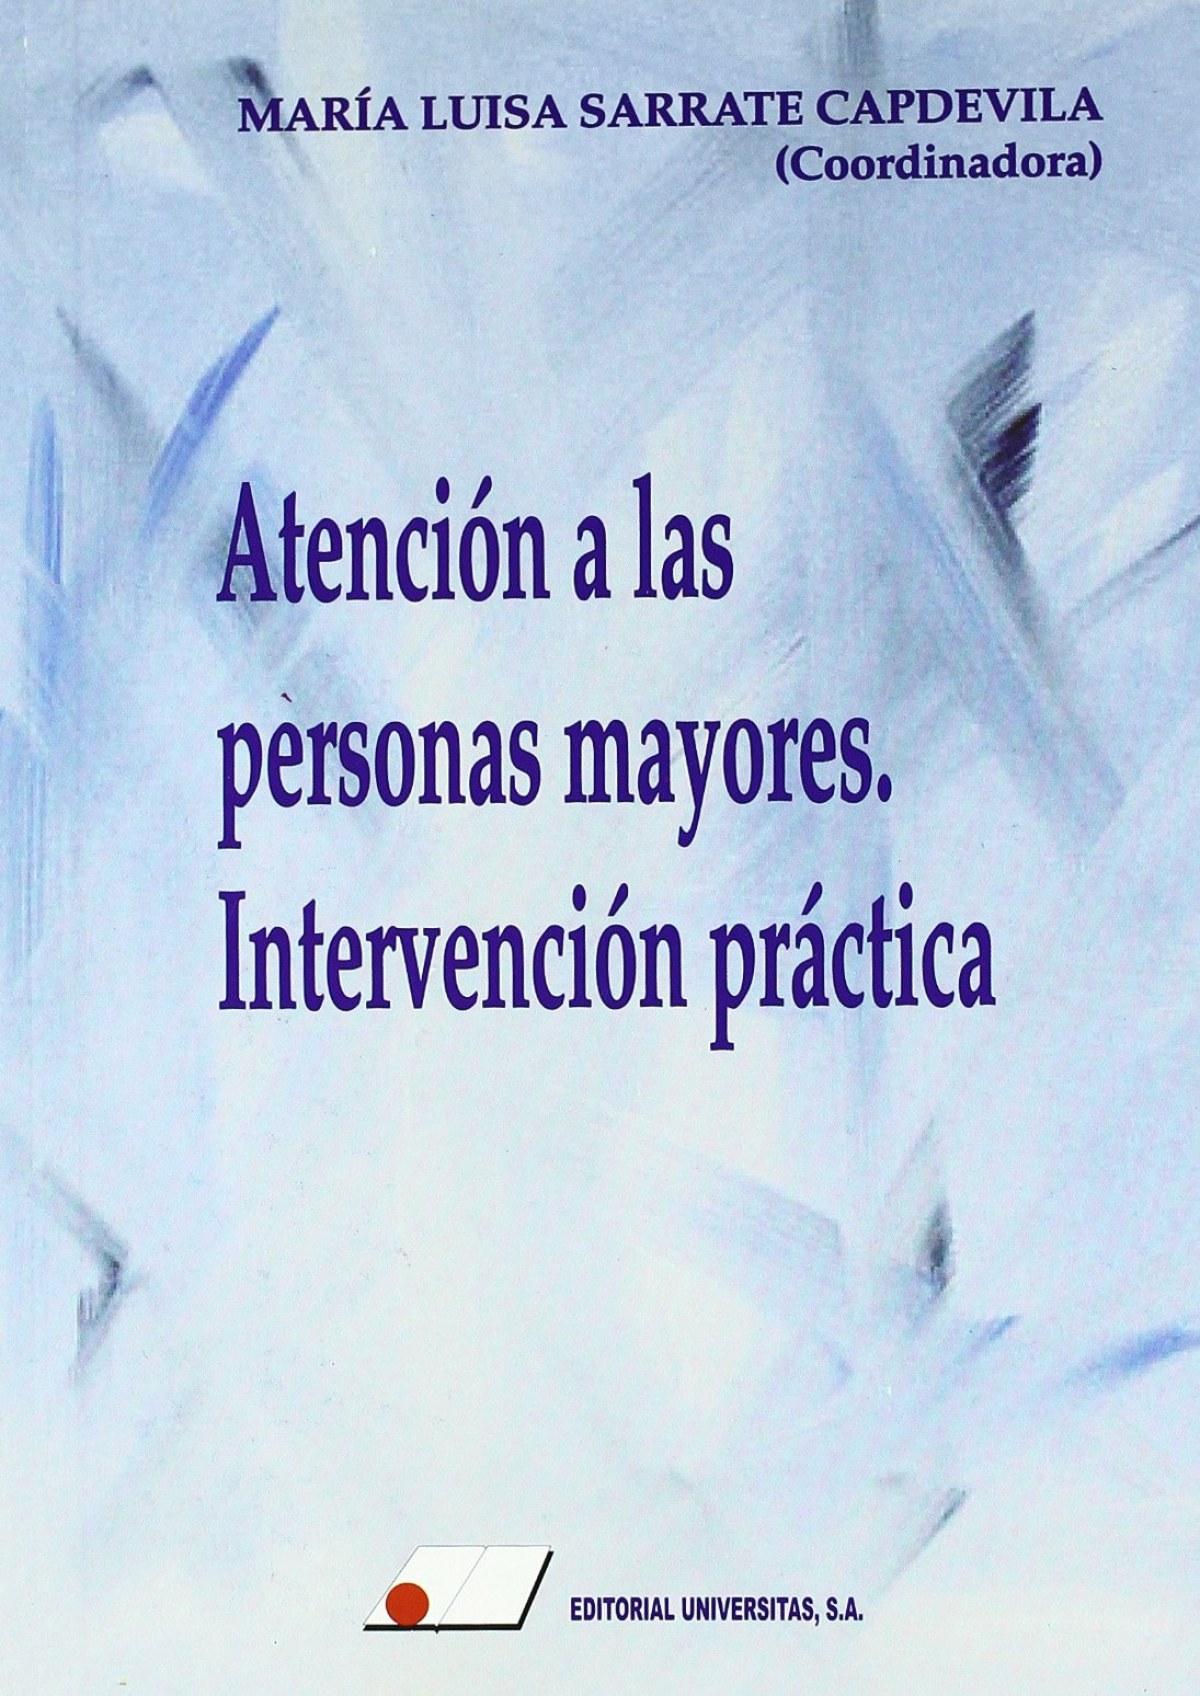 ATENCIÓN A LAS PERSONAS MAYORES: INTERVENCIÓN PRÁCTICA